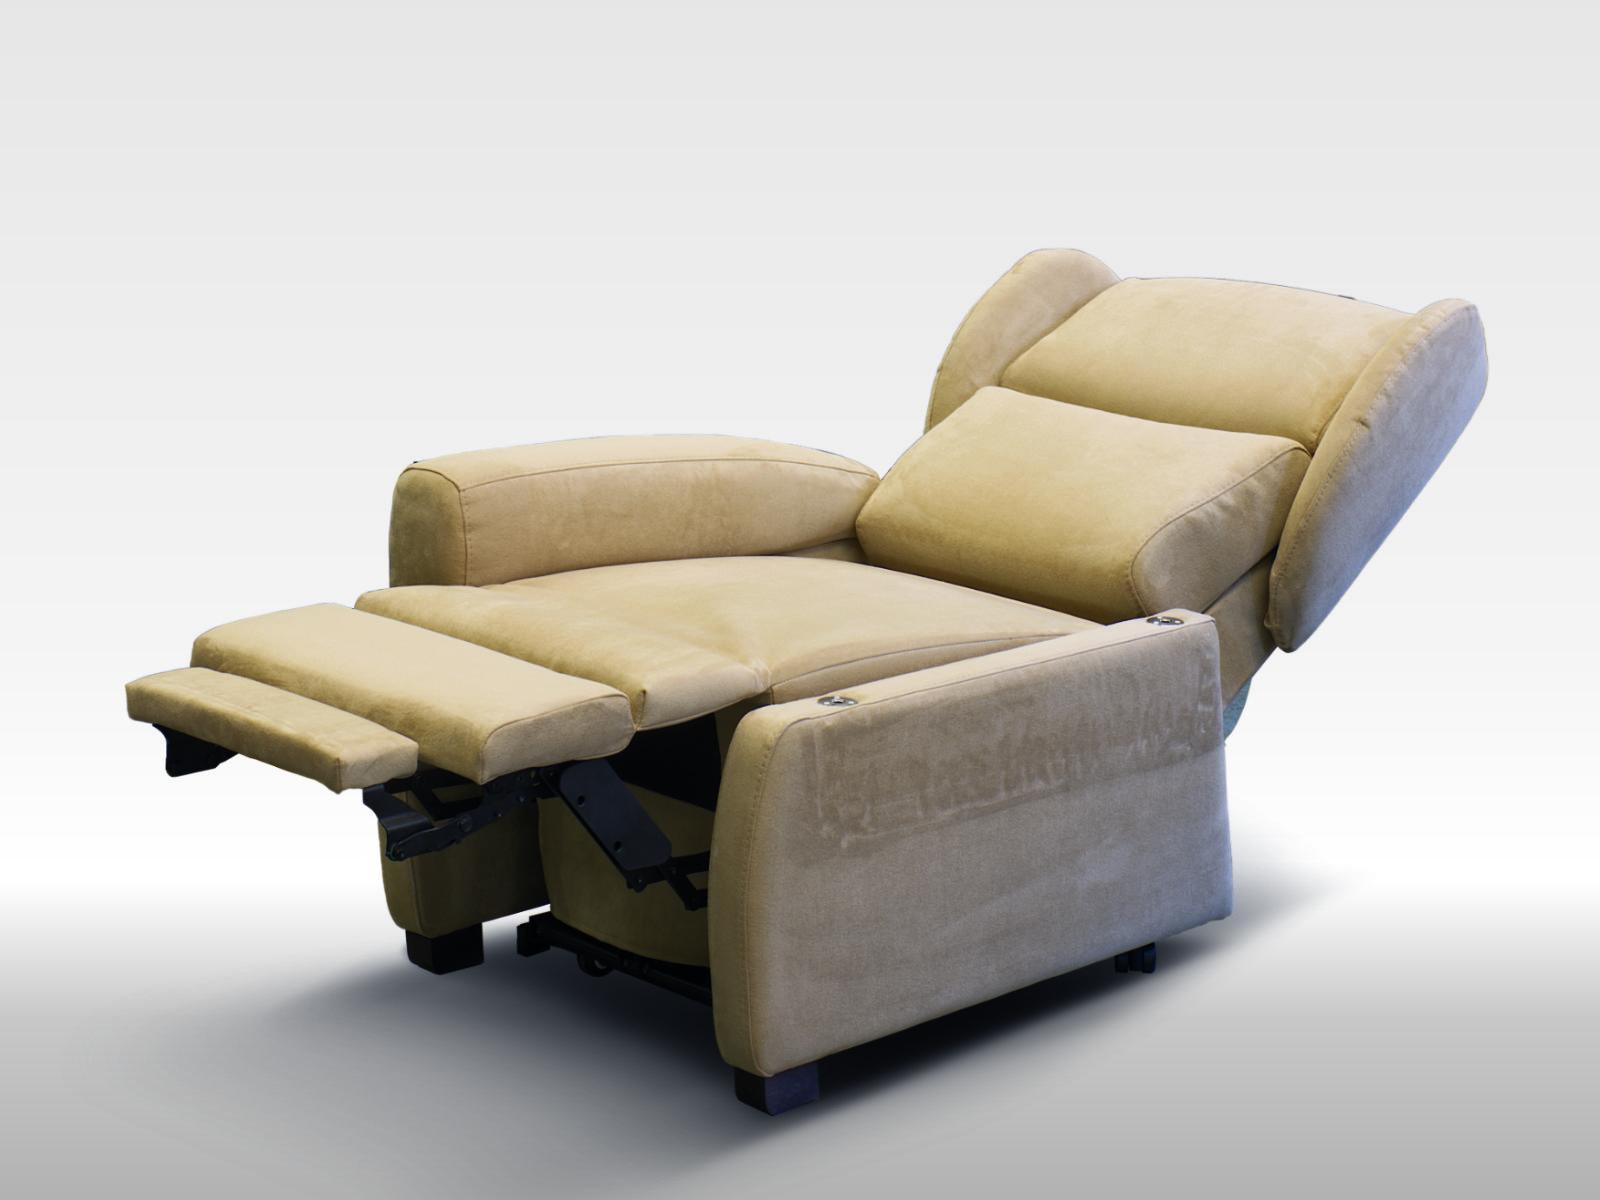 Poltrona per anziani comoda reclinabile a motori